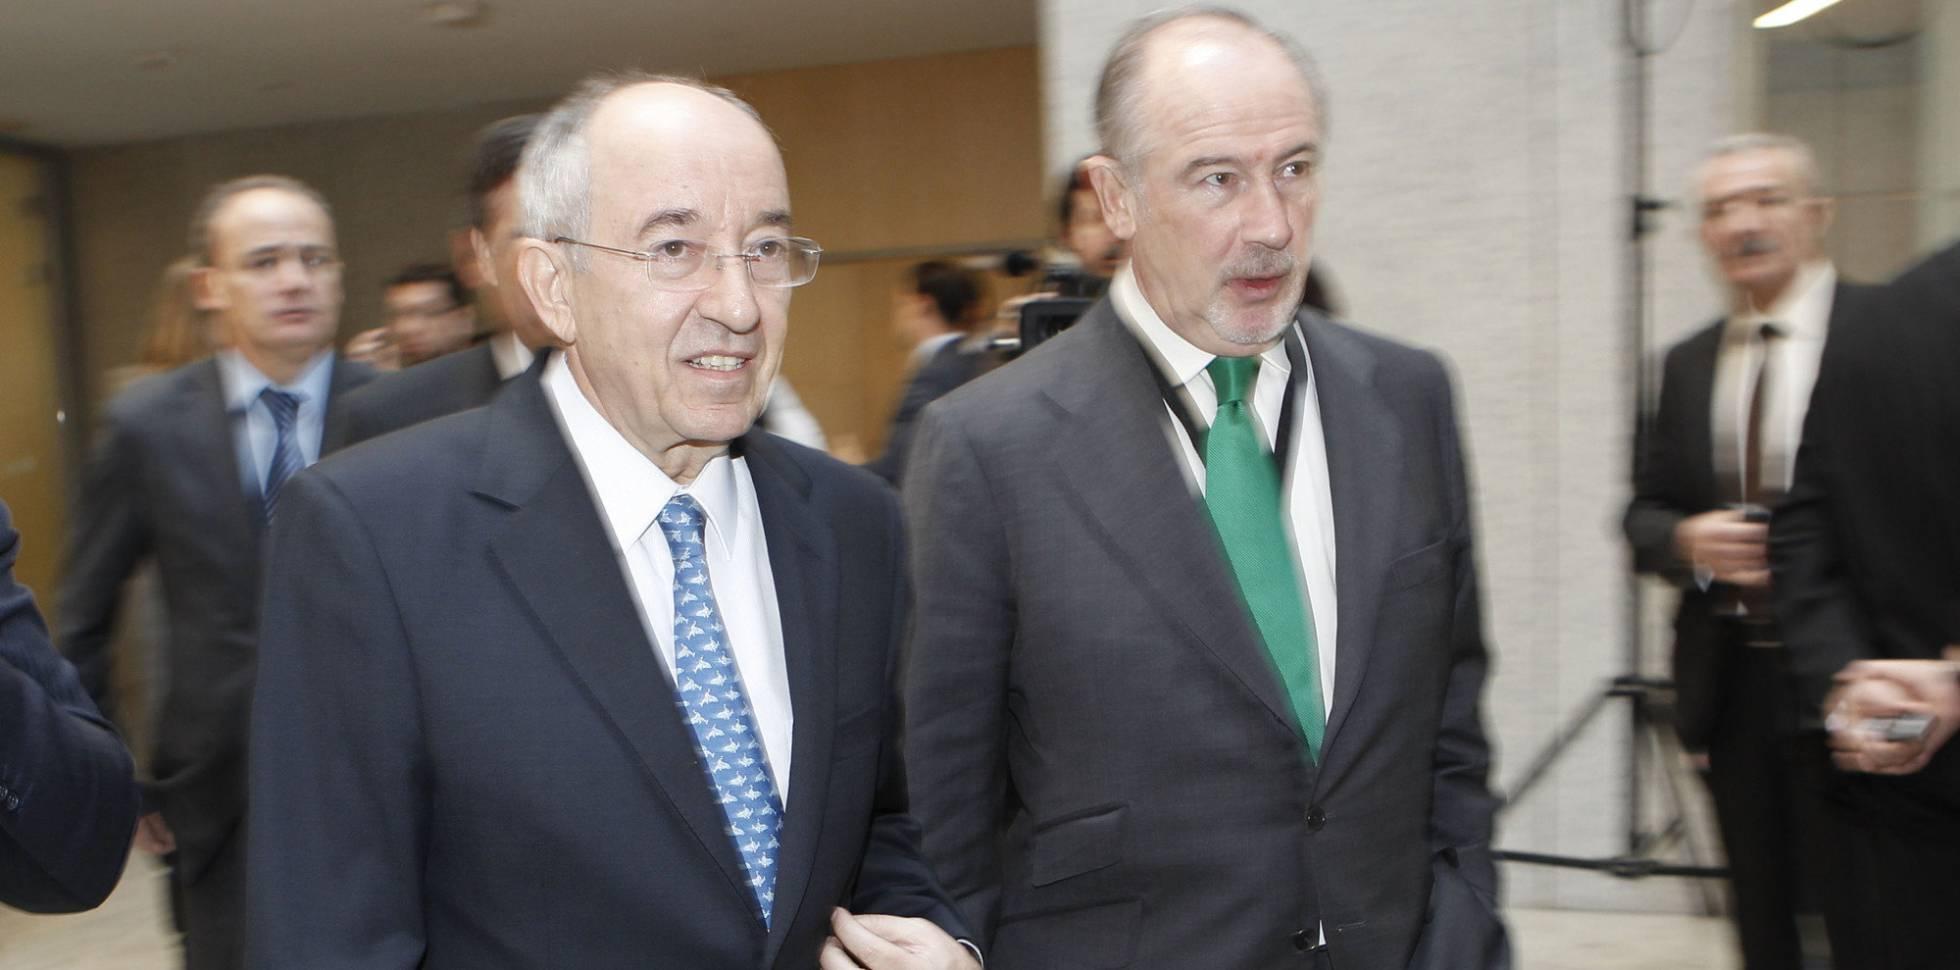 Negocio de la banca en España. El gobierno avala a la banca privada por otros 100.000 millones. Cooperación sindical.  - Página 7 1474135573_684142_1474135784_noticia_normal_recorte1